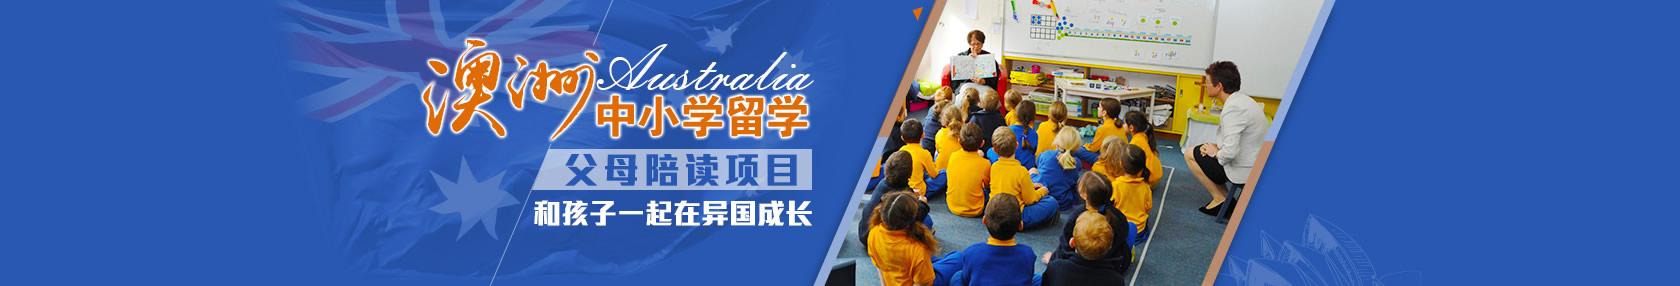 澳洲中小学留学教育,父母陪读让孩子在异国成长